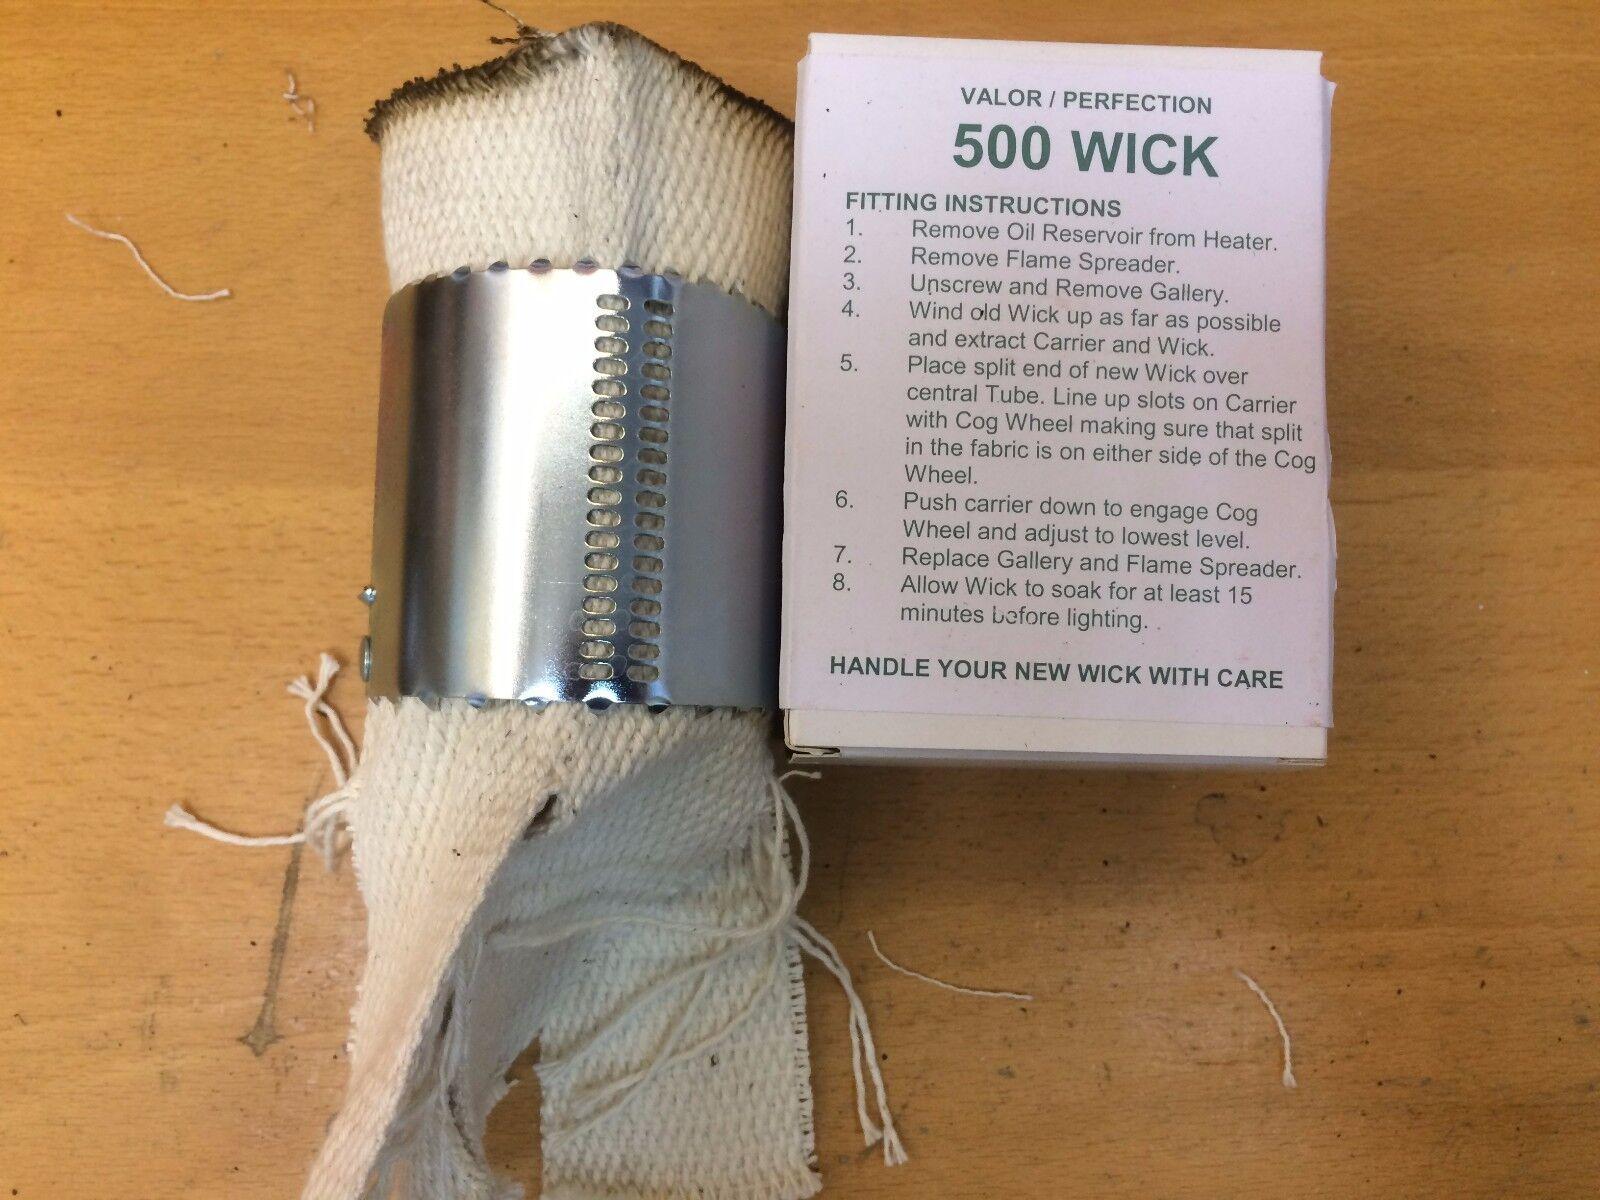 Emballé Valor Perfection Courses 500 Radiateur Wick avec Métal Sac de Courses Perfection 525 555 6bfd42